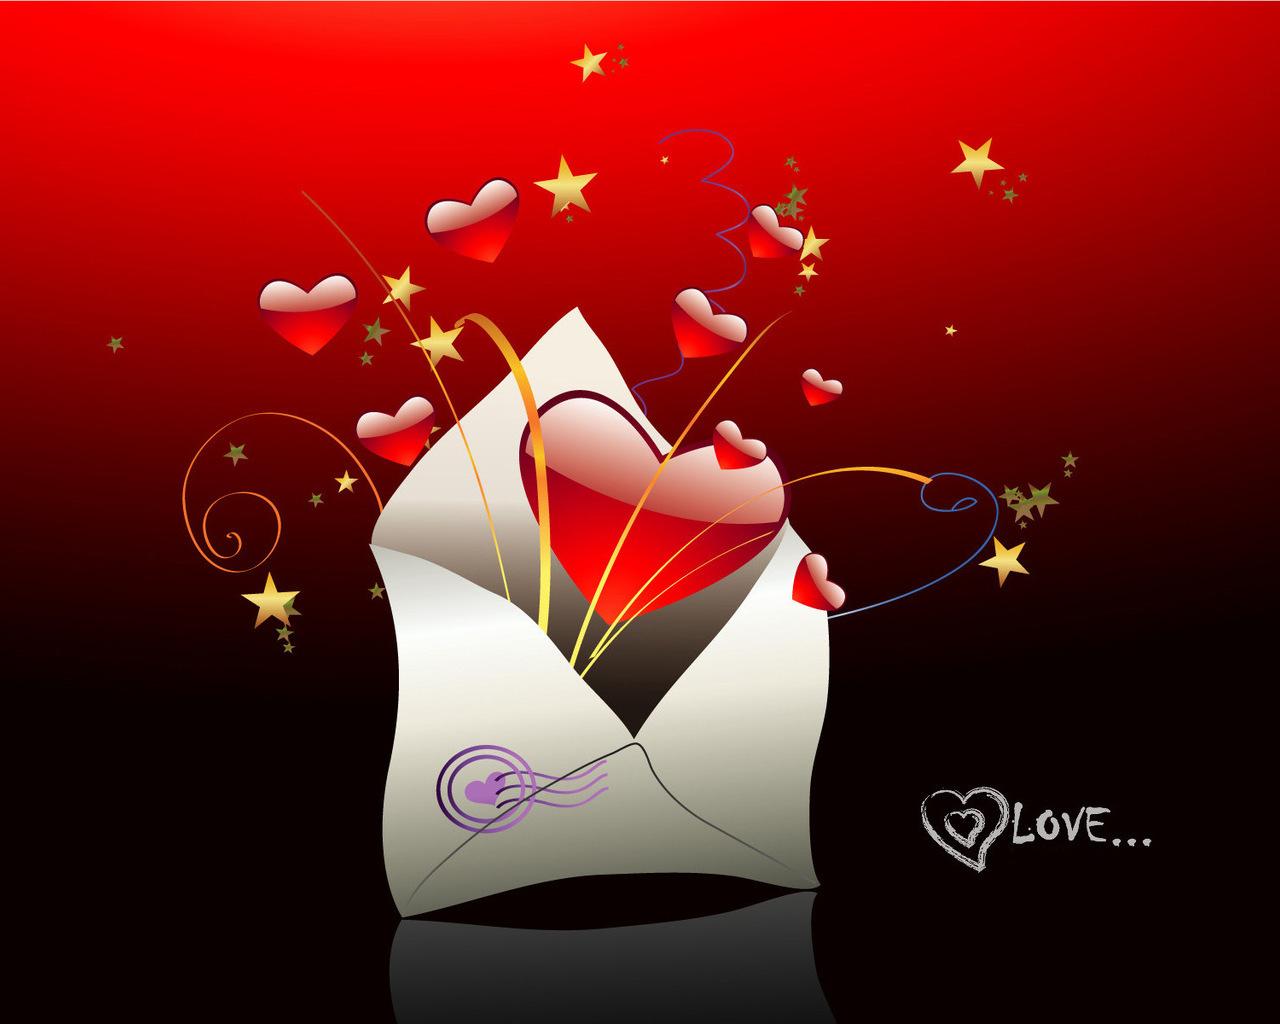 Sms pour saint valentin 2013 les messages d 39 amour - Parole saint valentin ...